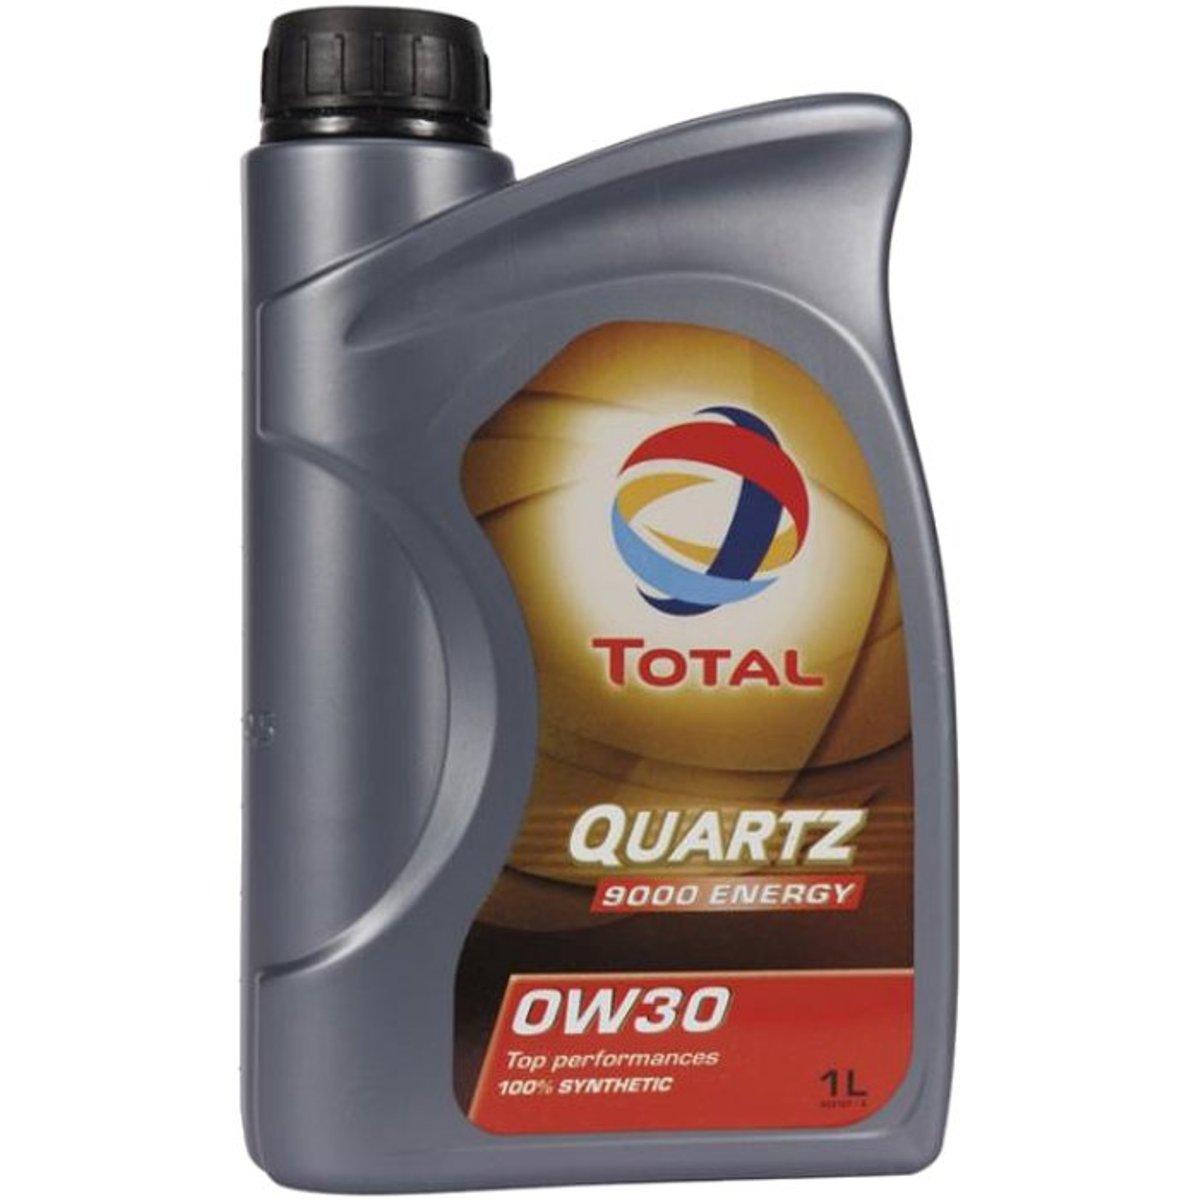 Моторное масло Total Quartz 9000 Energy 0W30, 1 л166249Полностью синтетическое моторное масло для бензиновых и дизельных двигателей легковых автомобилей. Обеспечивает чистоту двигателя, что позволяет сохранить его мощность. TOTAL Quartz Energy 9000 0W-30 снижает потребление топлива и уменьшает содержание вредных веществ в выхлопных газах. данное масло обеспечивает оптимально долгий срок службы двигателя благодаря отличным противоизносным свойствам, обеспечивающим защиту наиболее уязвимых узлов двигателя. Масло содержит моюще-диспергирующие присадки, поддерживающие чистоту в двигателе и его уровень эксплуатационных свойств, таким образом, сохраняя его мощность. Данное моторное масло может применяться в самых жестких условиях эксплуатации (городской трафик, движение по автомагистрали) и подходит для всех стилей вождения, в особенности спортивной или агрессивной езды, независимо от сезона. Эксплуатационные свойства масла превосходят технические требования крупнейших автопроизводителей, таким образом, данное масло подходит, по крайней мере,...